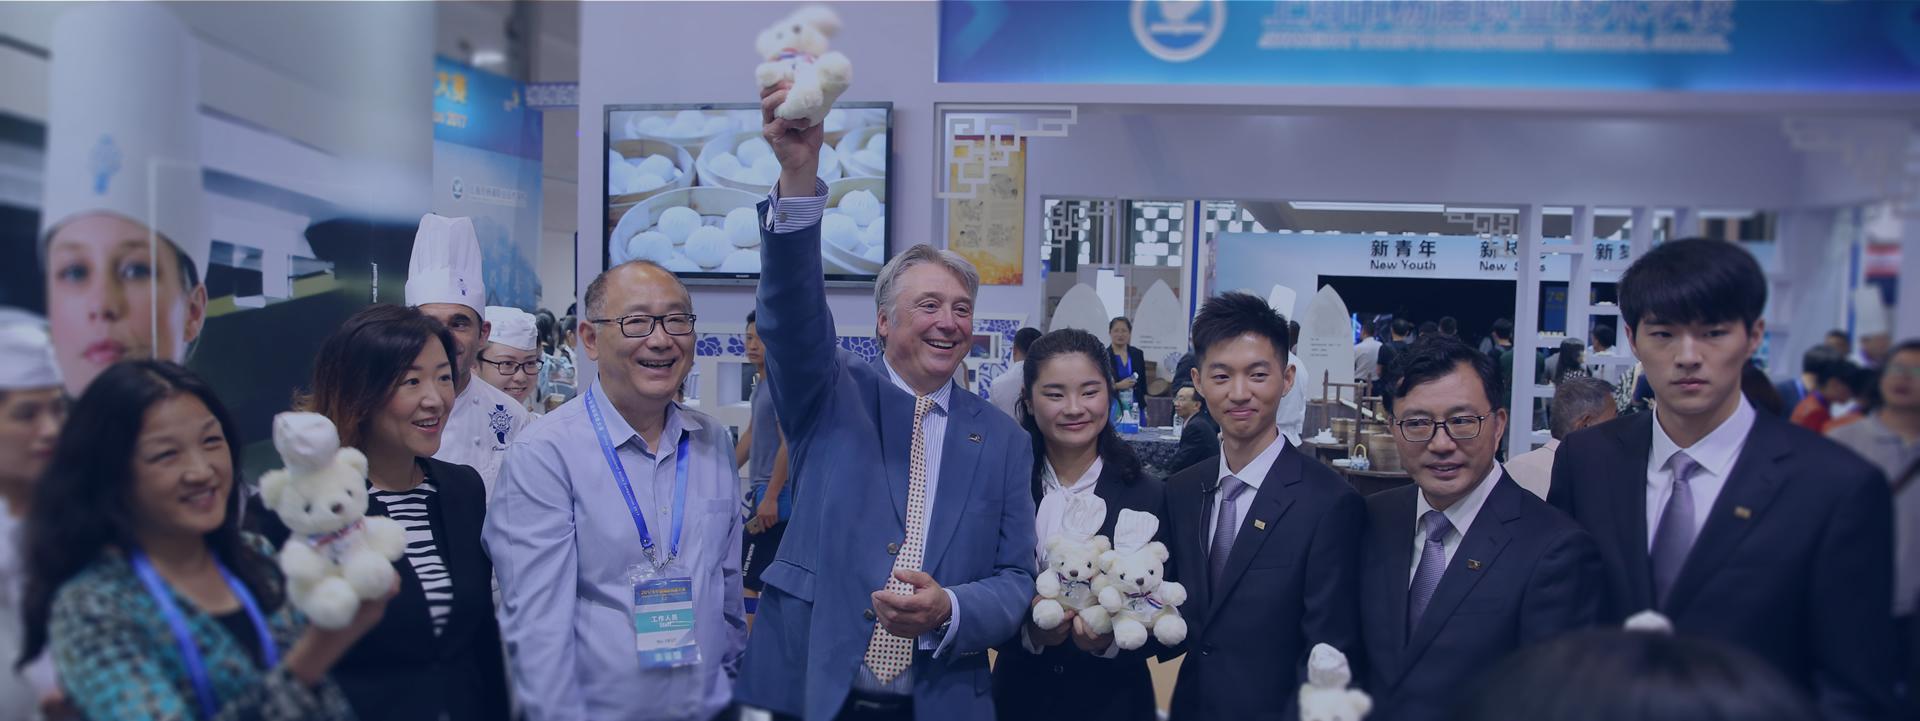 2017年中国国际技能大赛